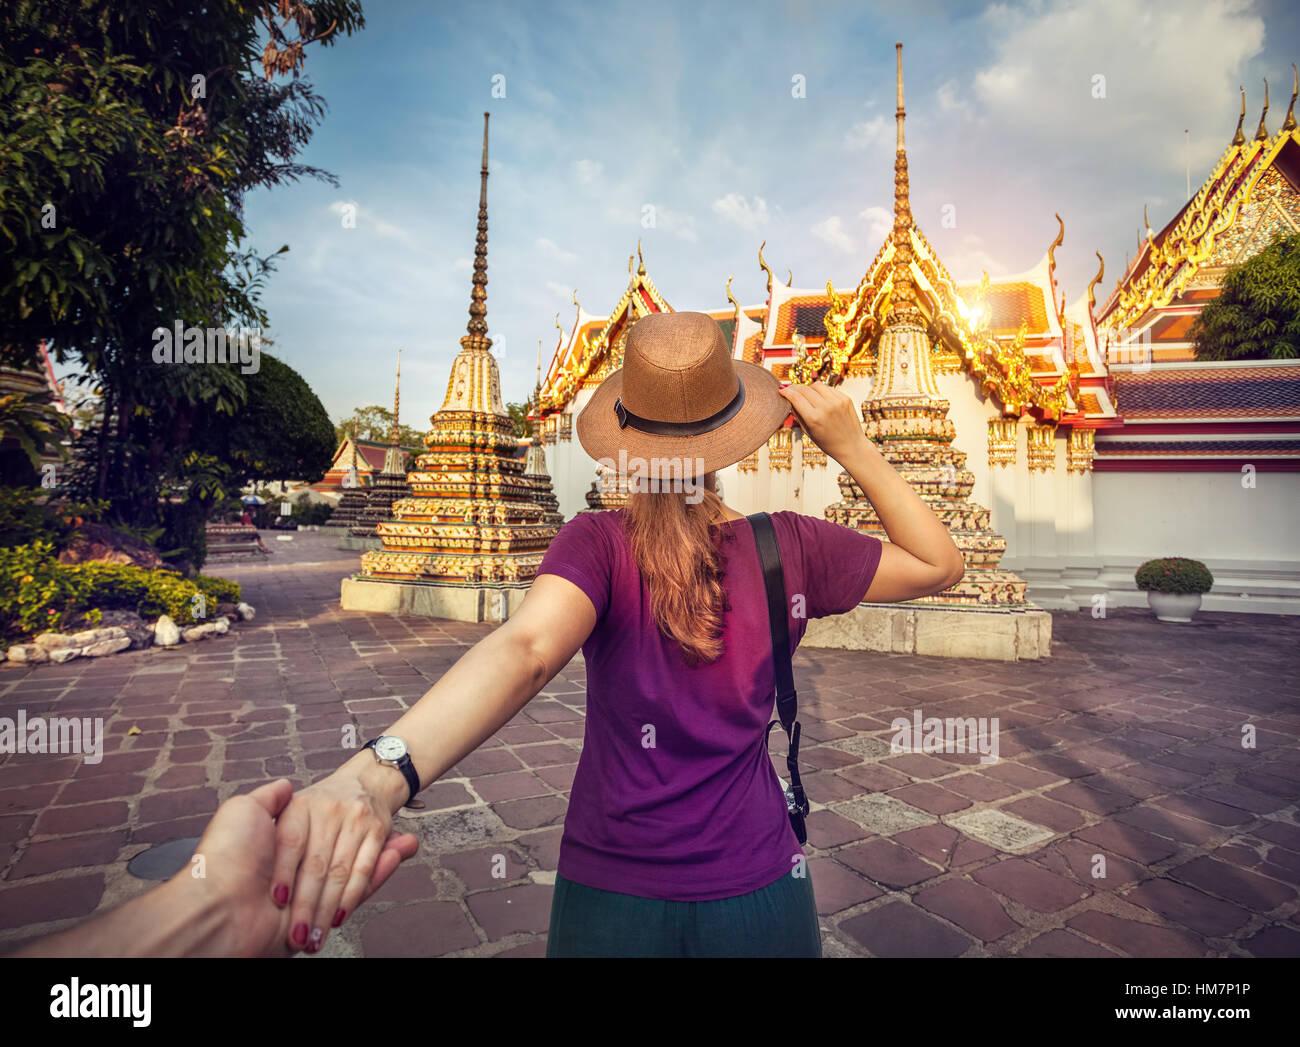 Mujer con sombrero y camiseta púrpura hombre principal con la mano al famoso templo Wat Pho en Bangkok, Tailandia. Imagen De Stock